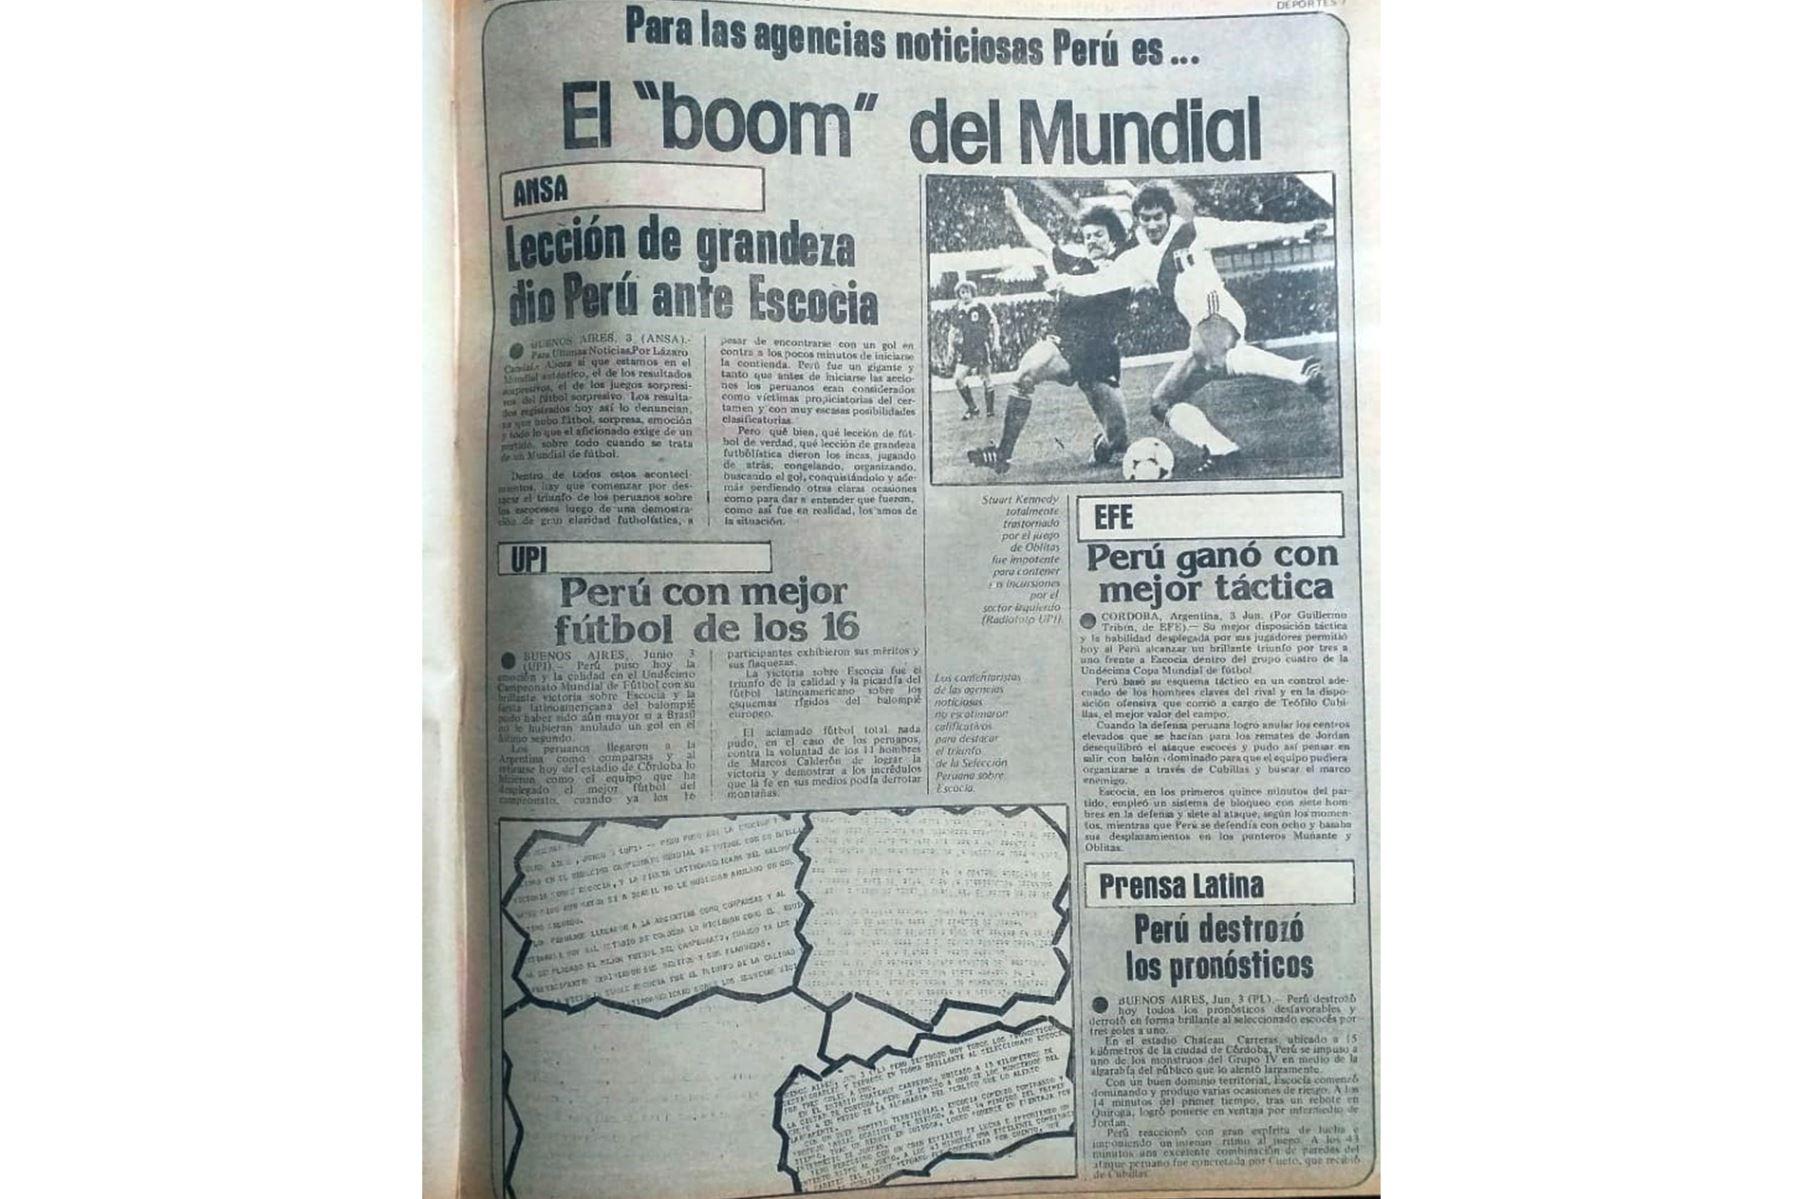 Cobertura del diario La Crónica sobre el triunfo de la selección peruana de fútbol 3-1 sobre Escocia en el Mundial Argentina 78 el 3 de junio de 1978. Foto: Archivo / ANDINA